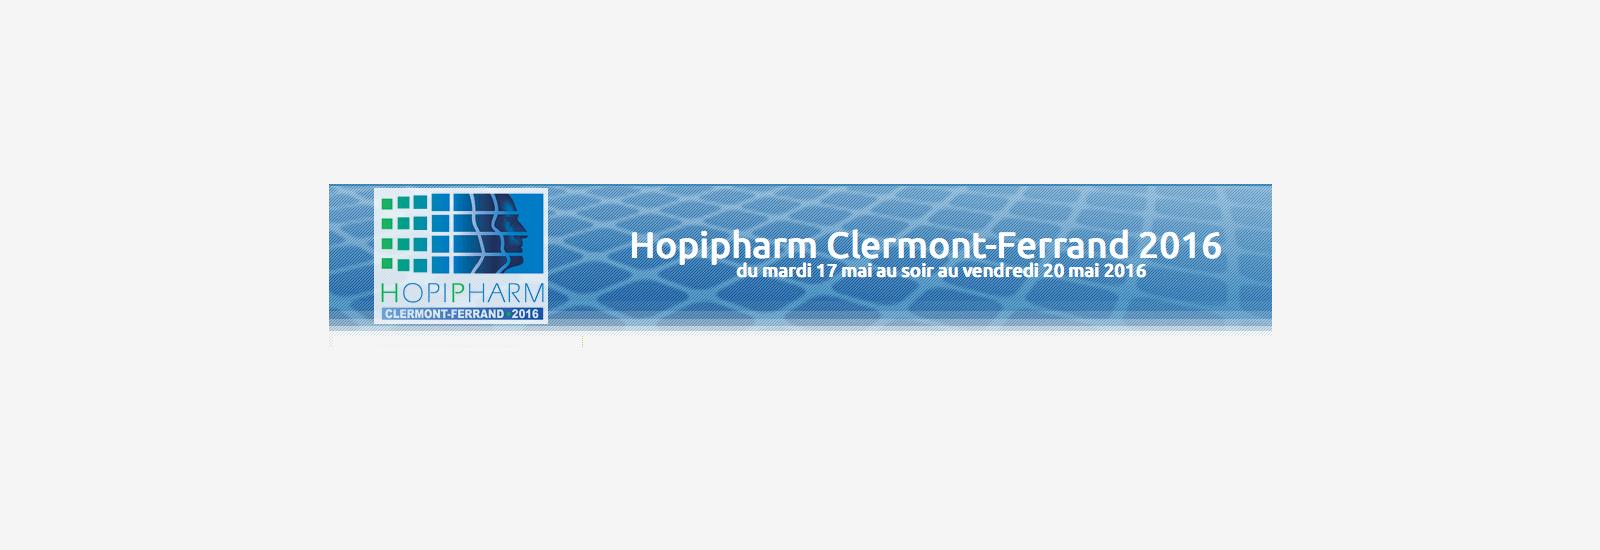 Design-R s'affiche au Salon Hopipharm avec deux exposants à Clermont-Ferrand !